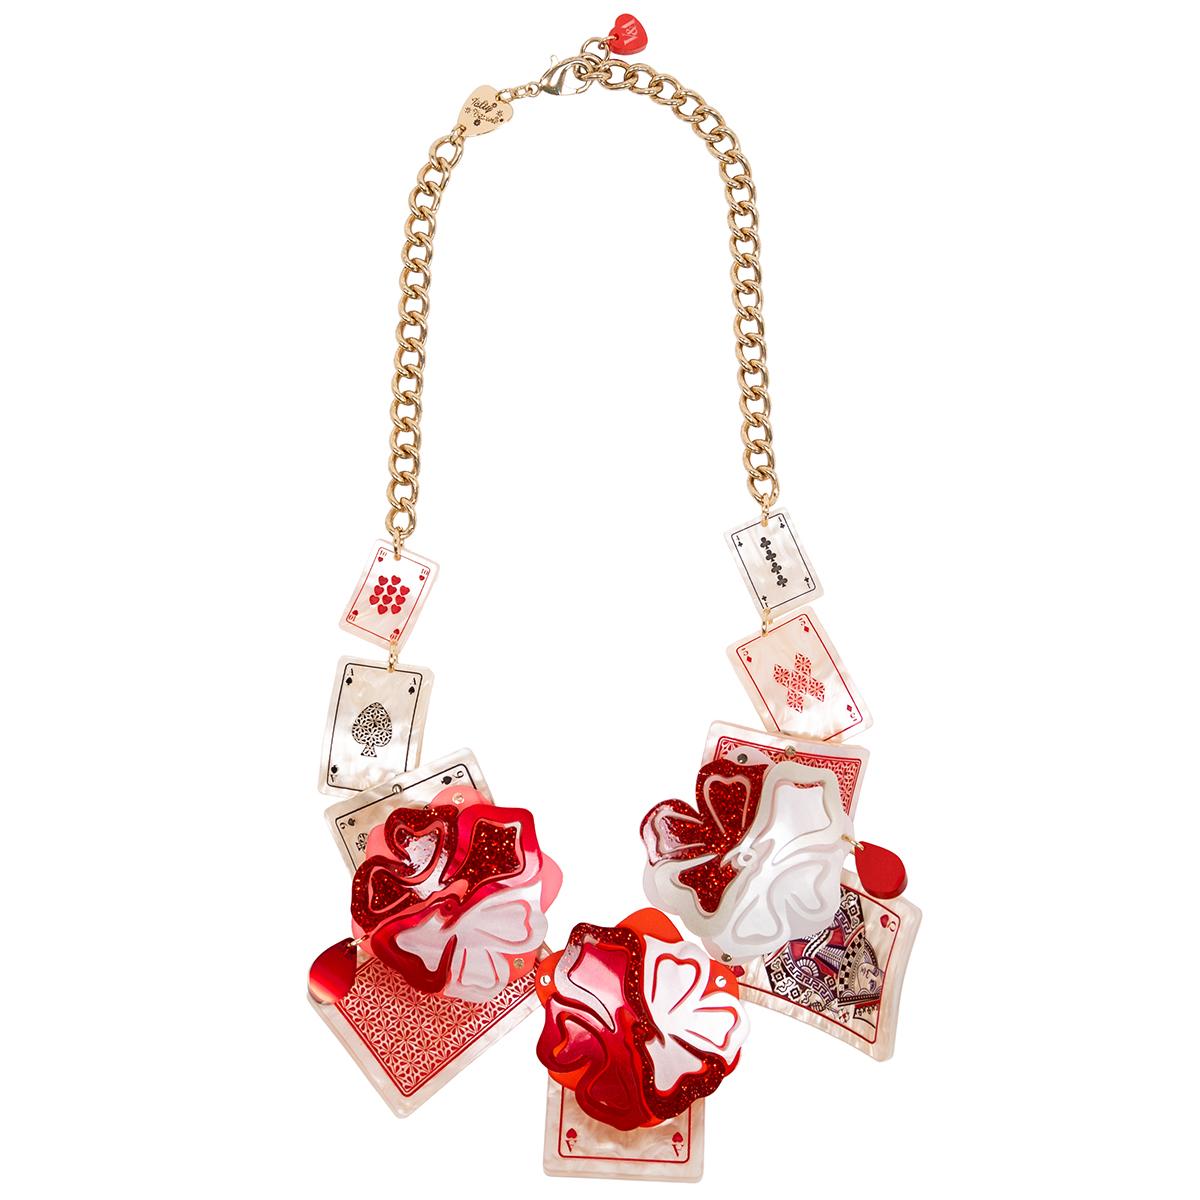 Queen's Garden necklace by Tatty Devine